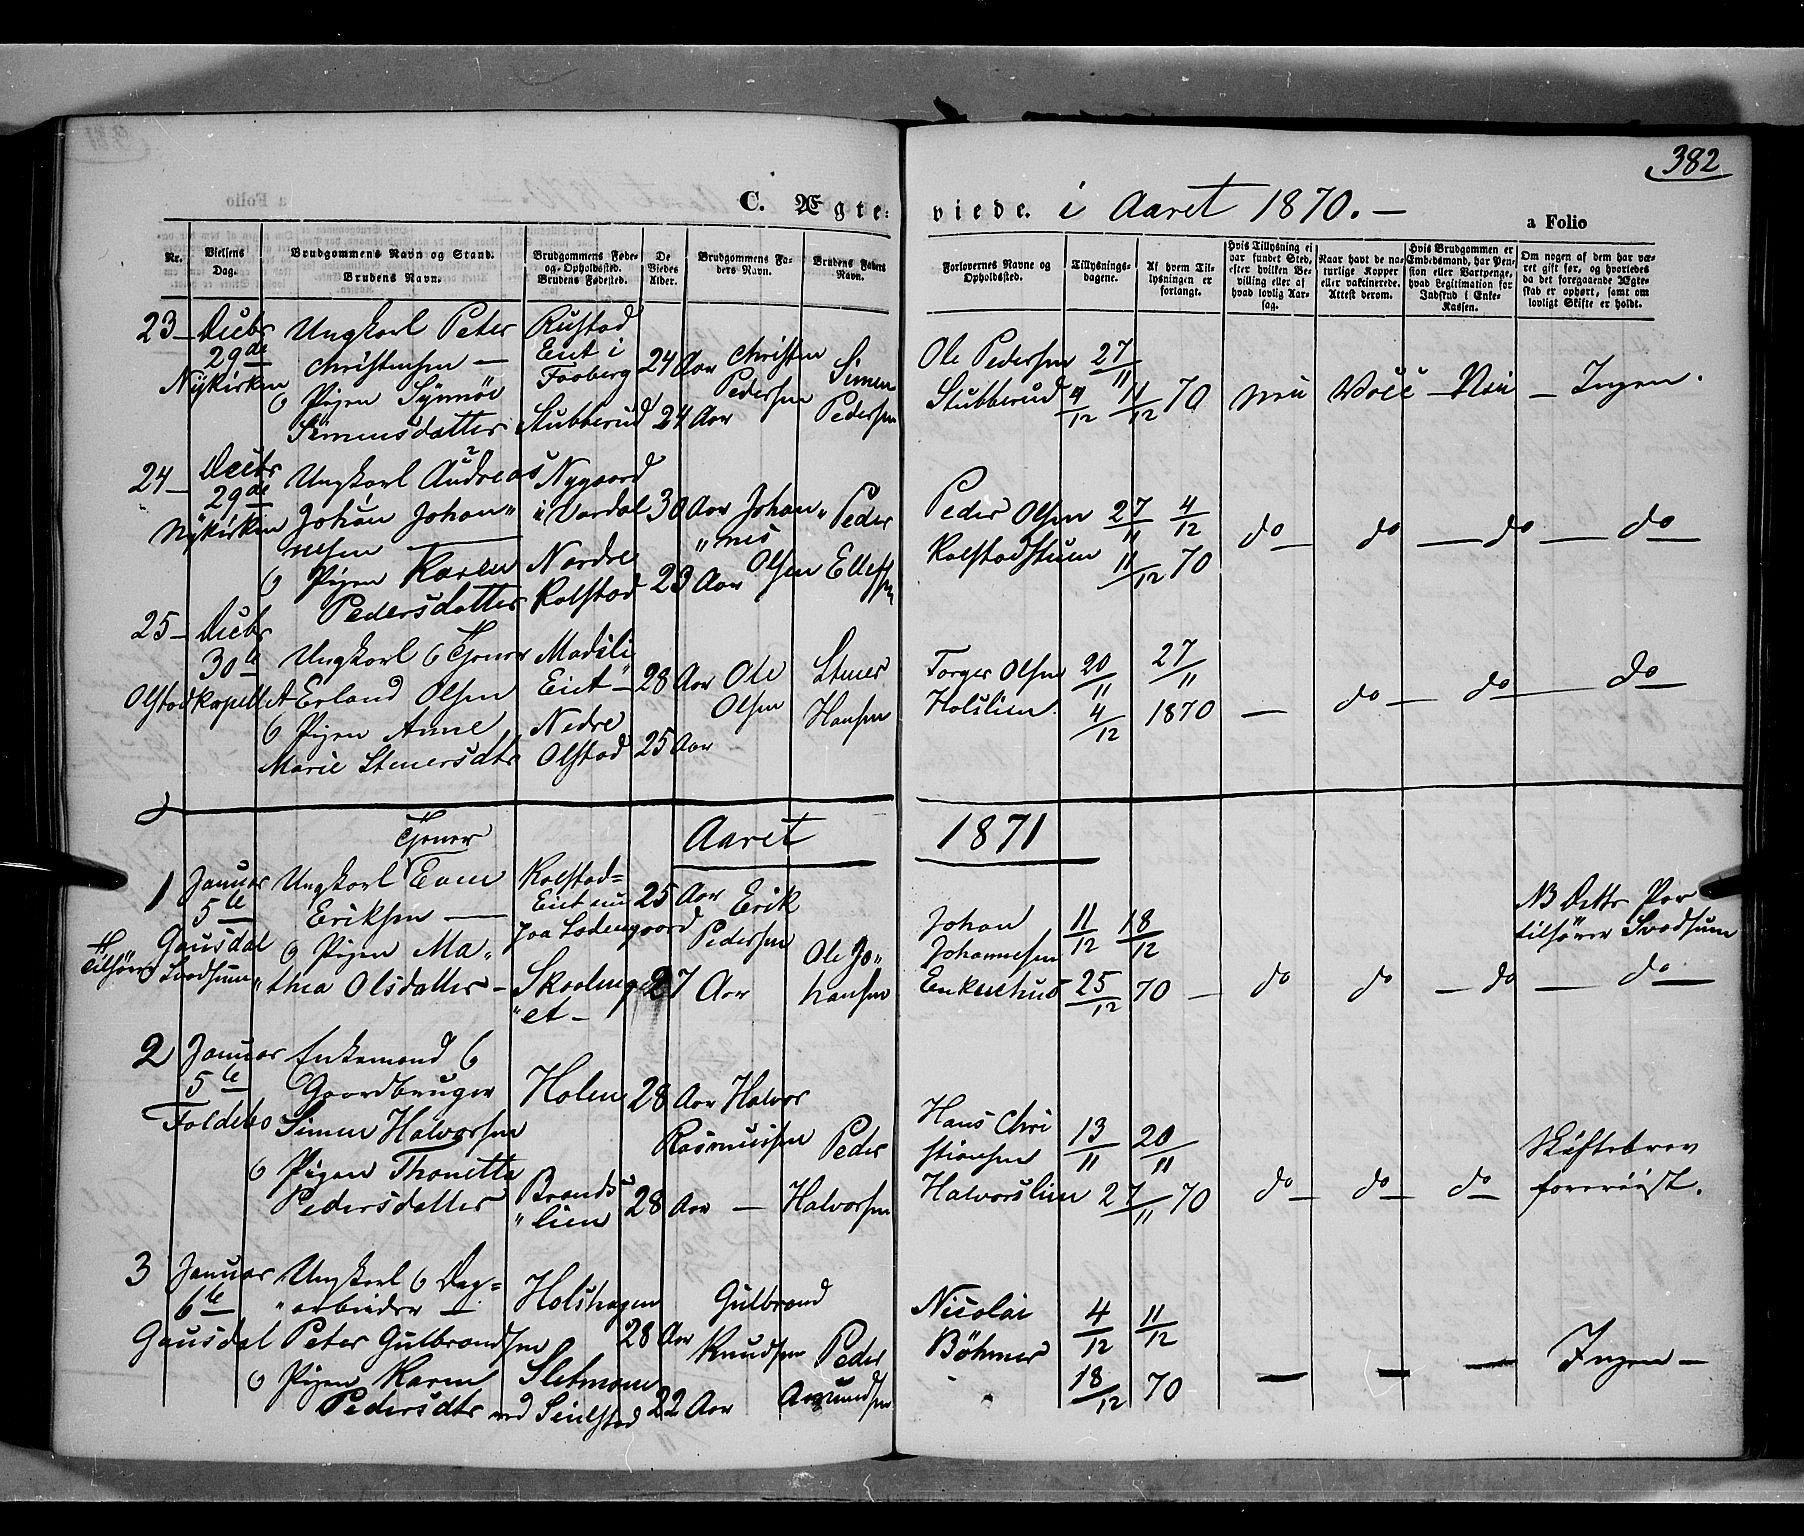 SAH, Gausdal prestekontor, Parish register (official) no. 9, 1862-1873, p. 382